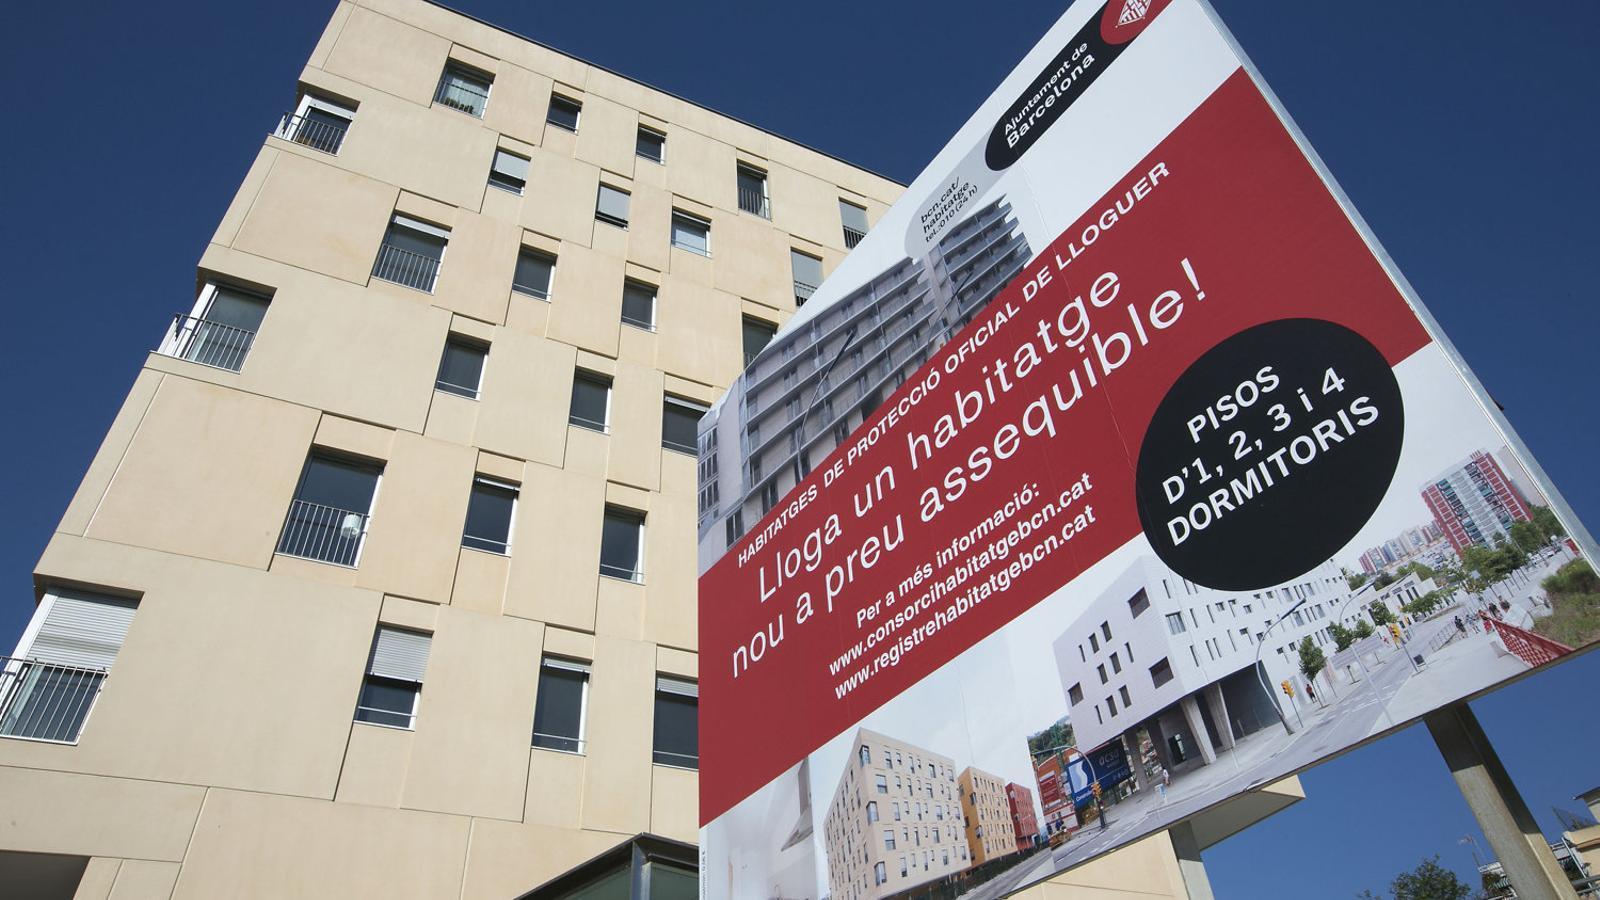 L ajuntament de barcelona calcula que cada any es crearan 334 pisos a preu rebaixat - Pis proteccio oficial barcelona ...